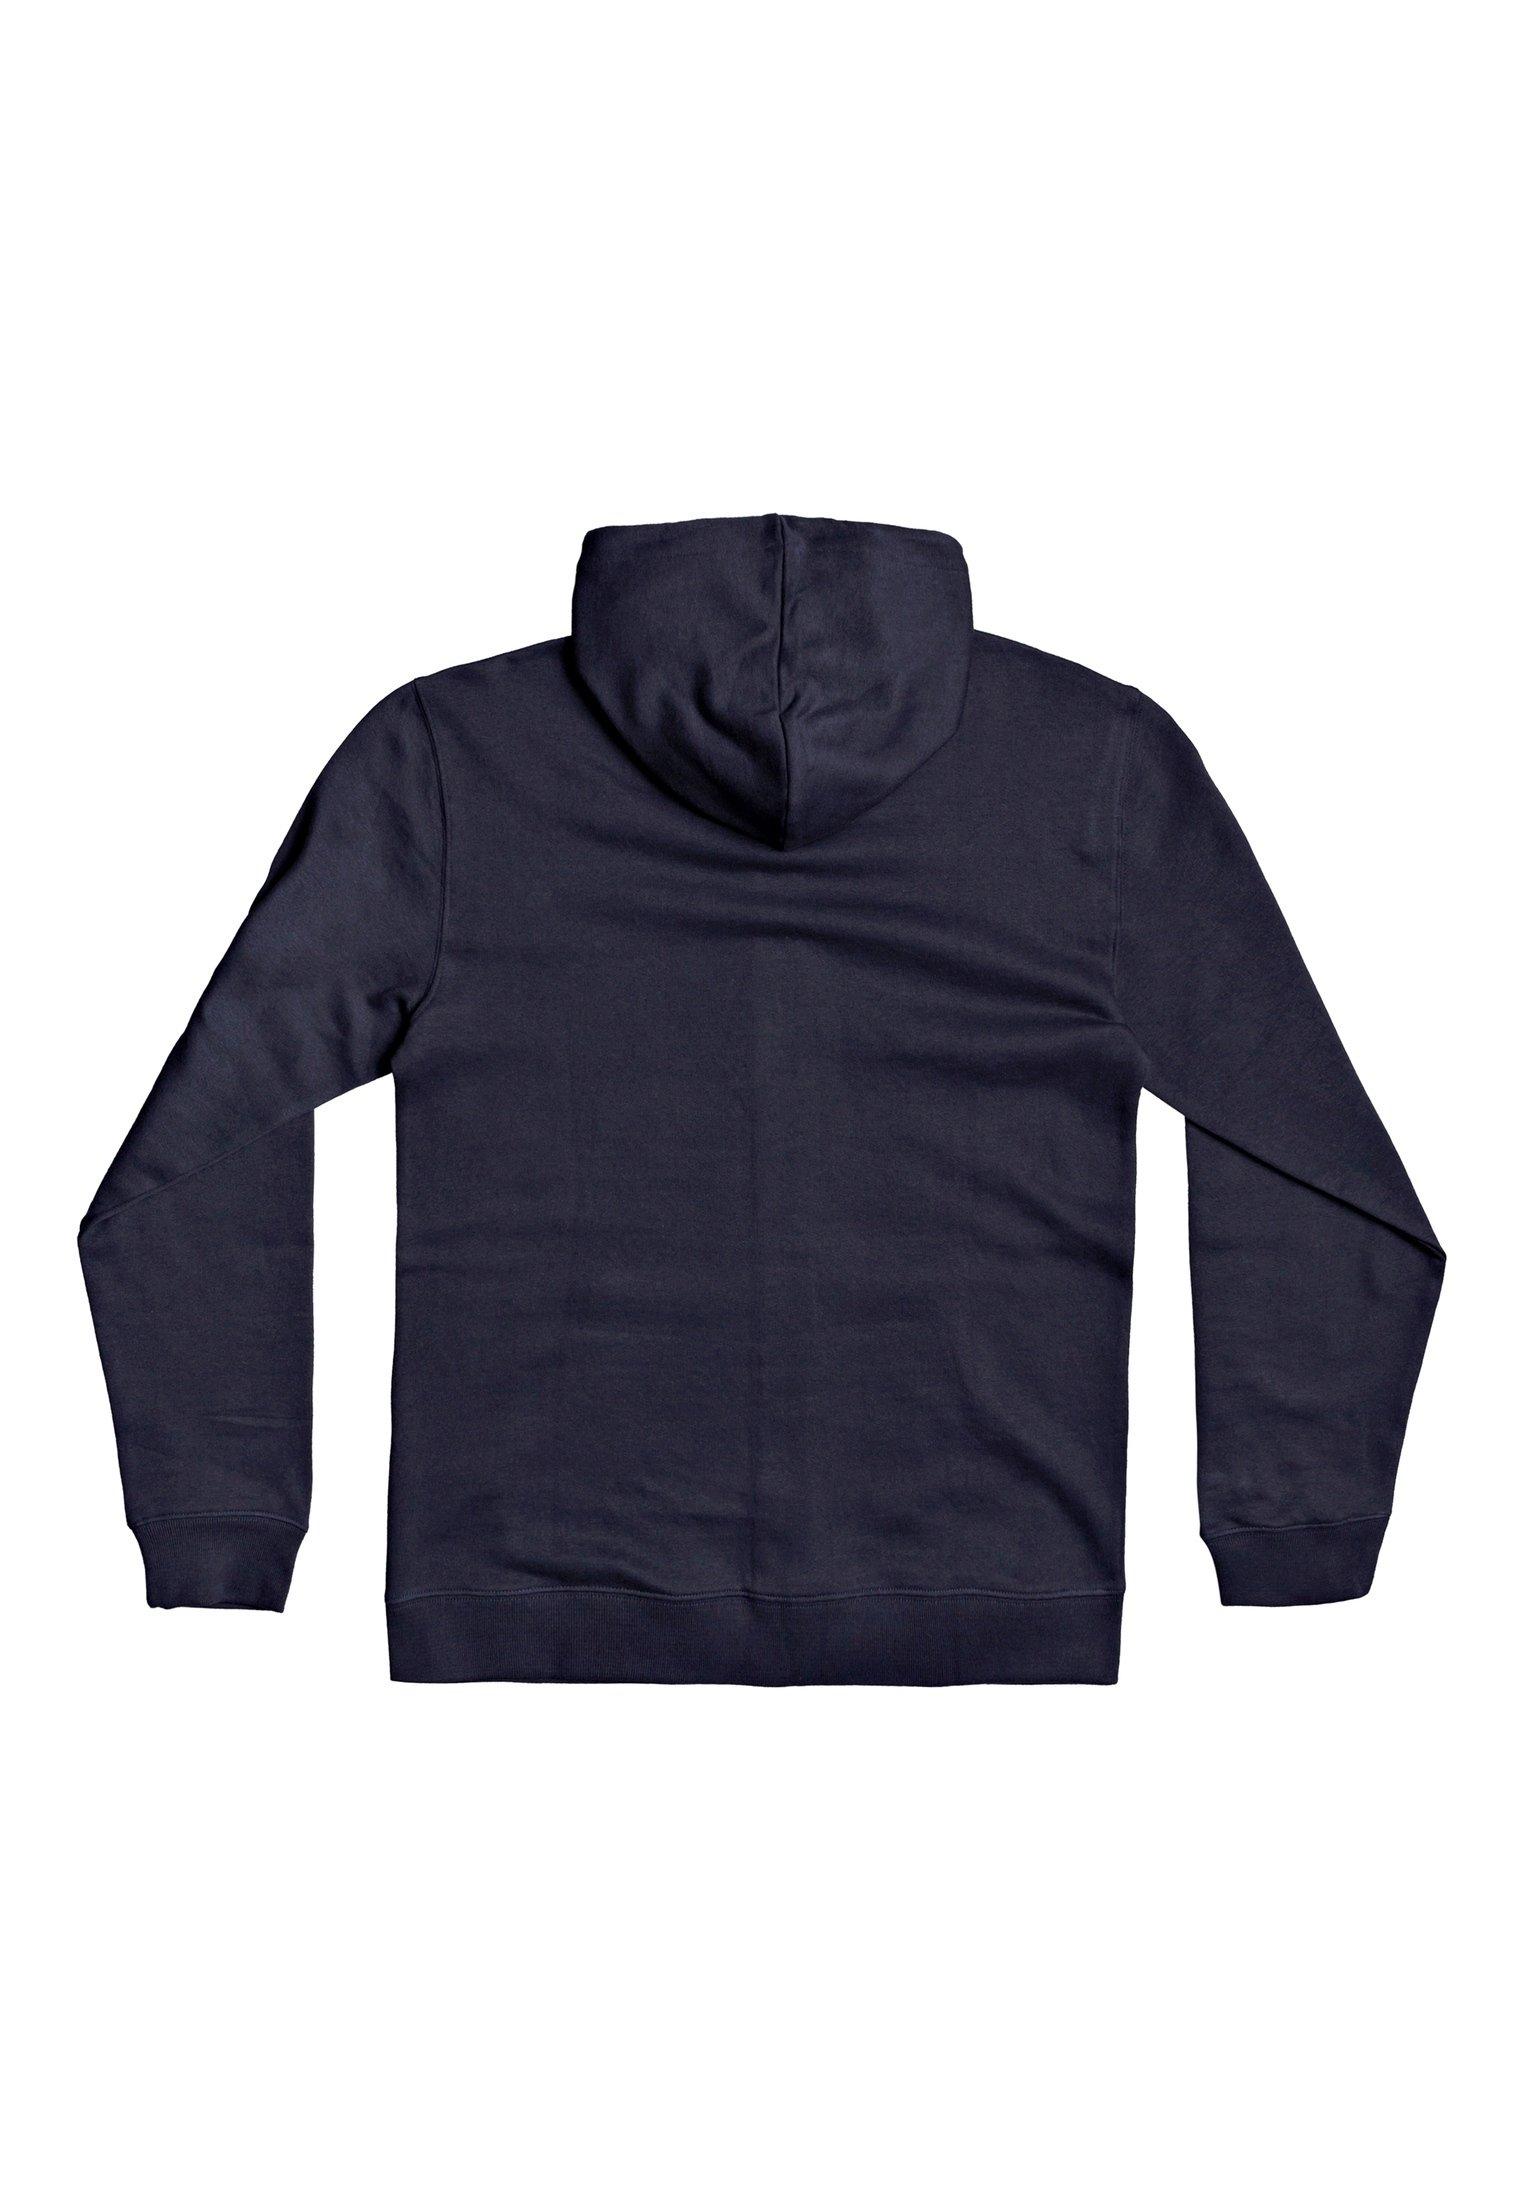 Quiksilver veste en sweat zippée - navy blazer